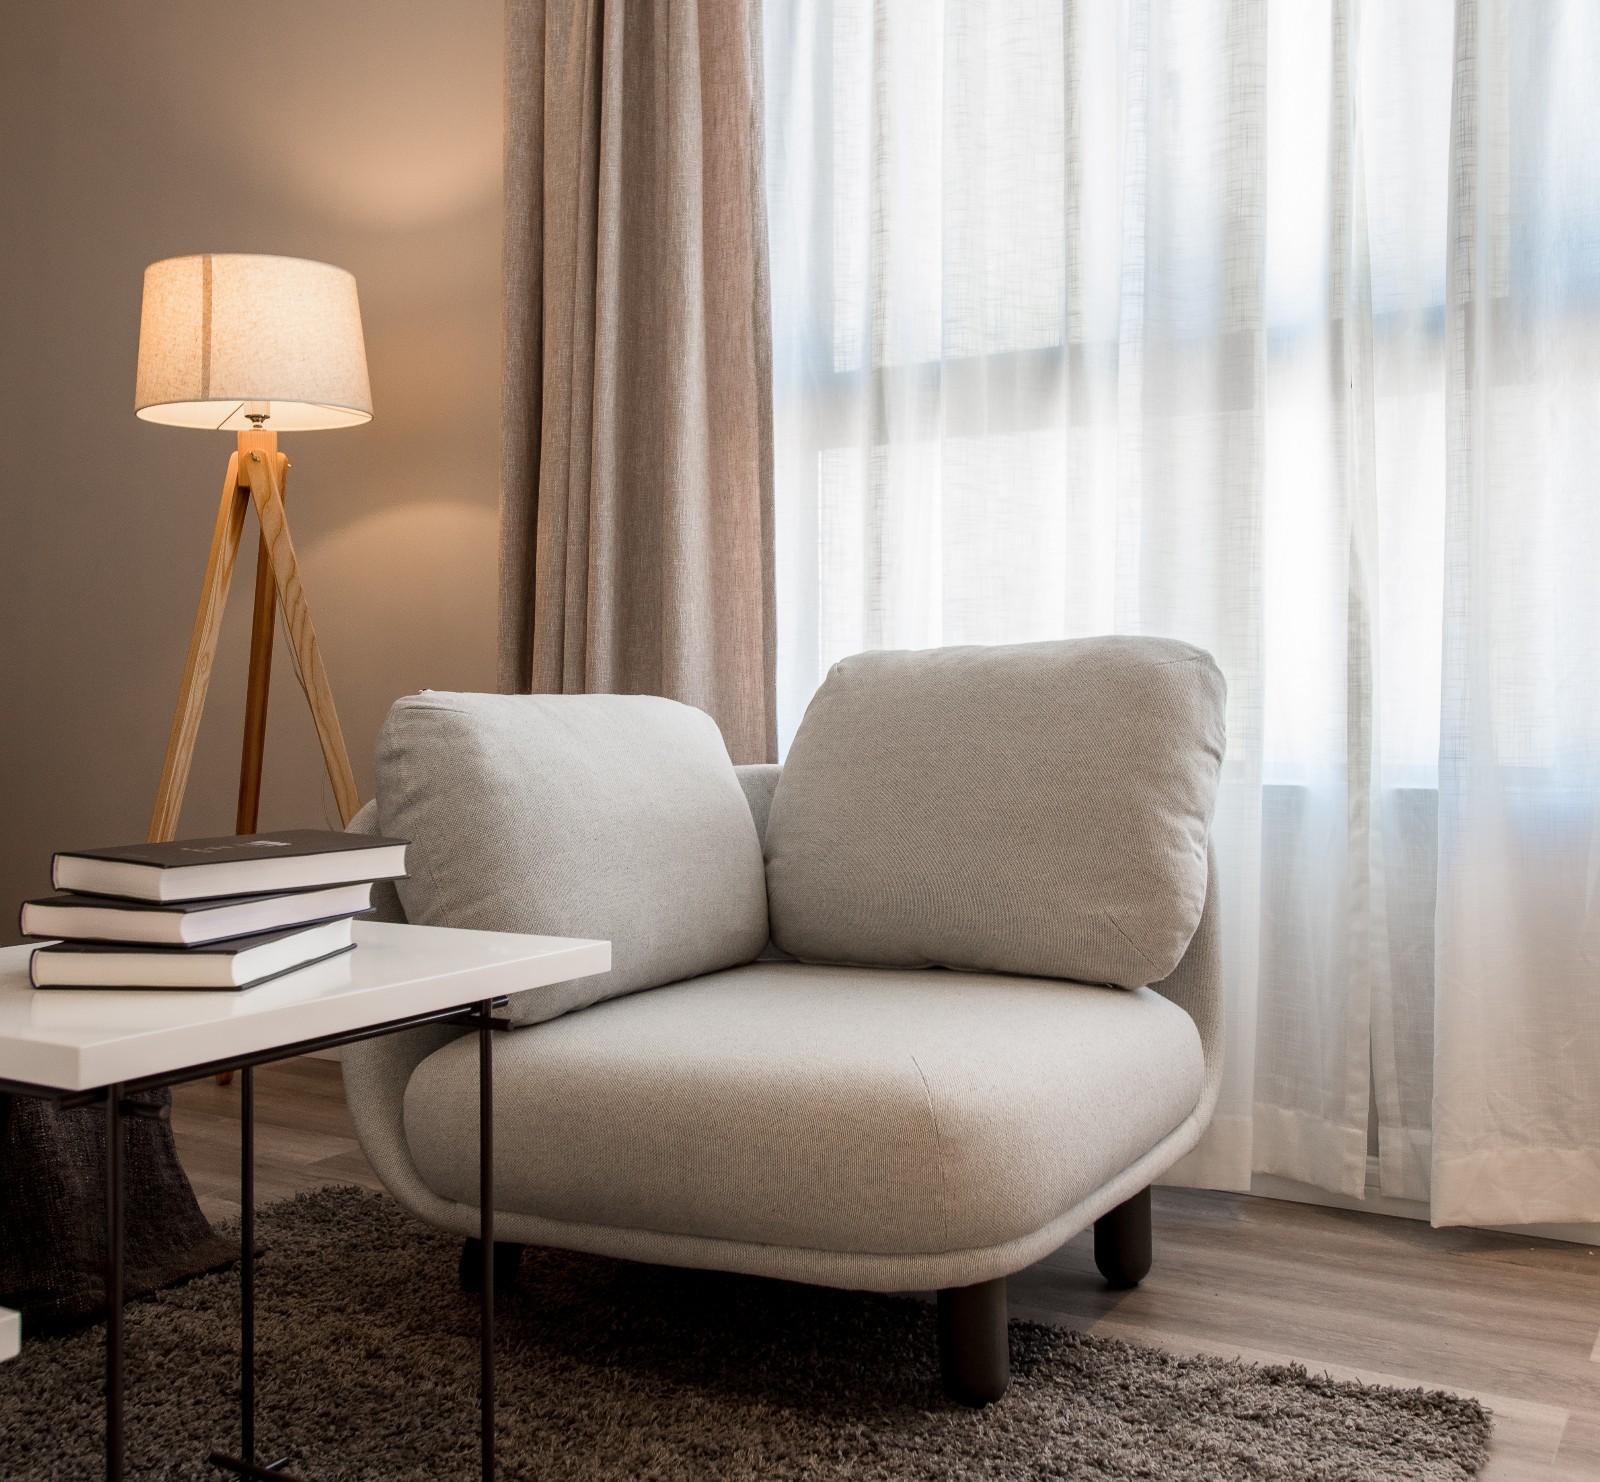 """生活家晒单@tdg:""""这个单人座我放在了窗边,半躺着看书还是挺惬意的。"""""""